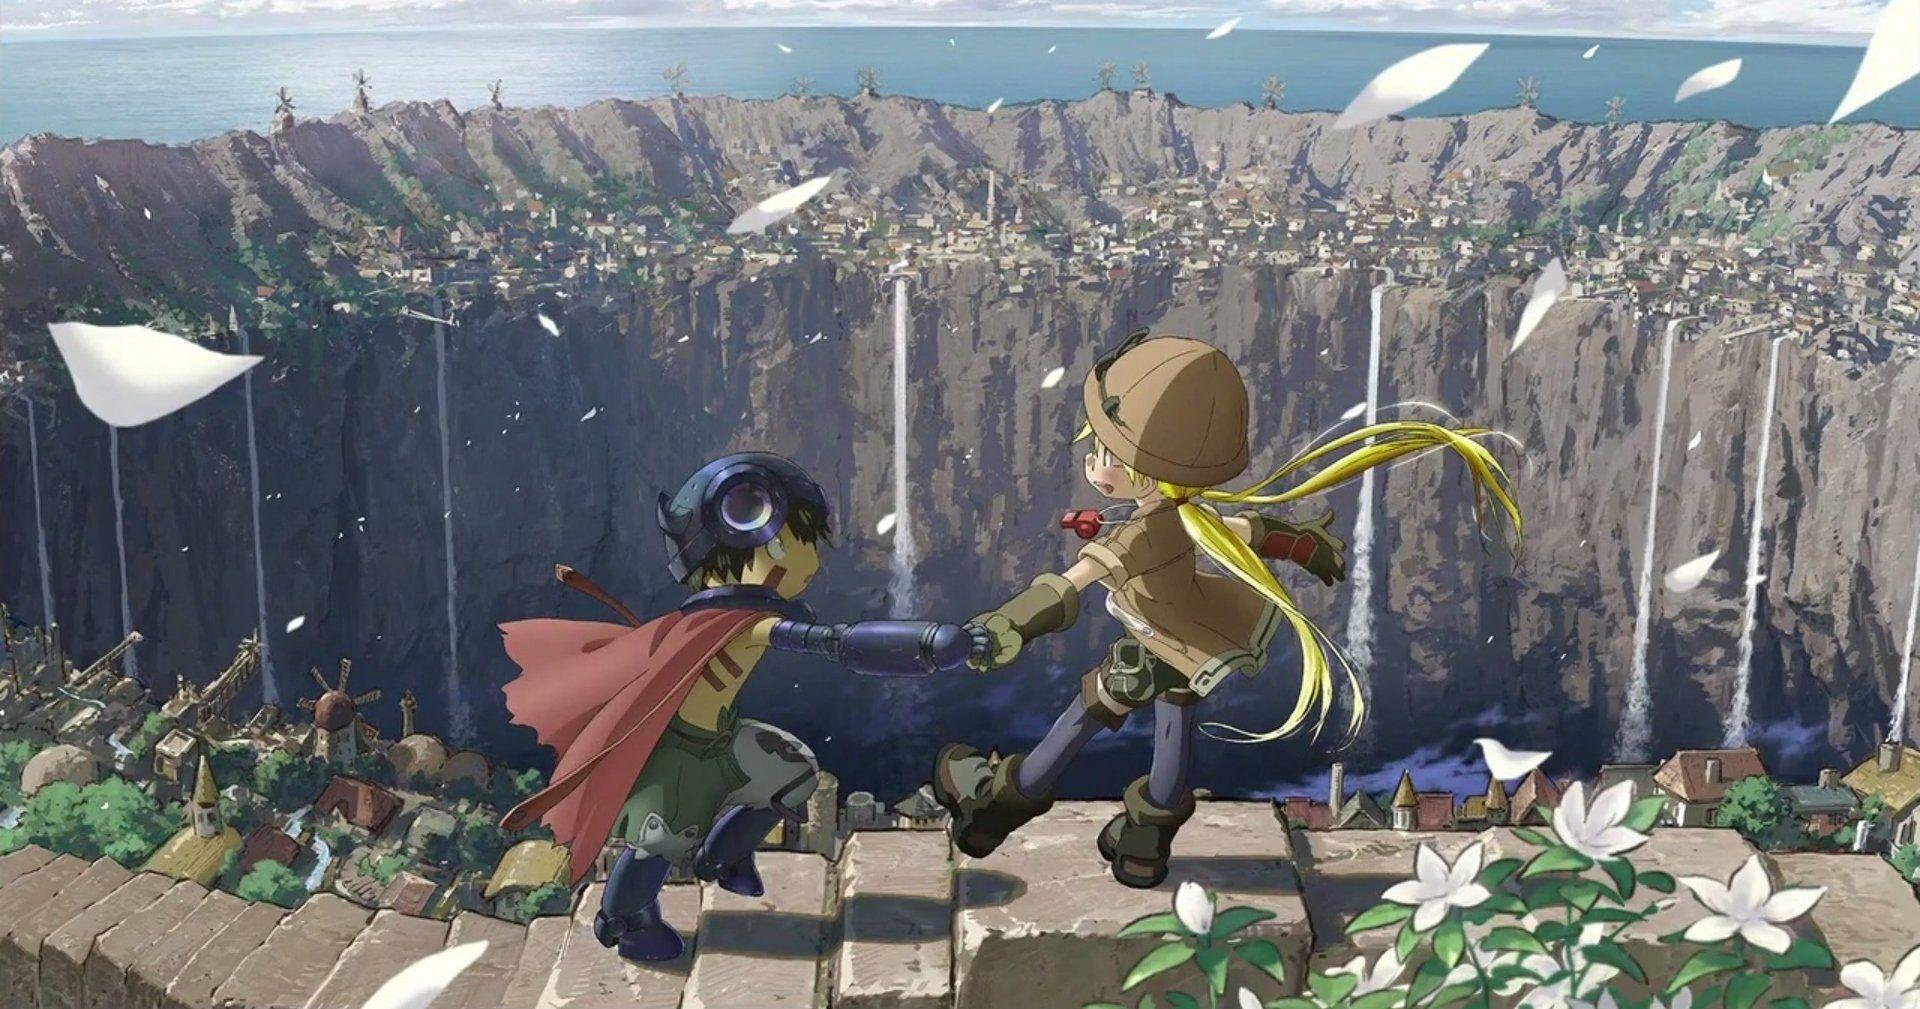 Made In Abyss Wallpaper Hd Produccion Artistica Arte De Anime